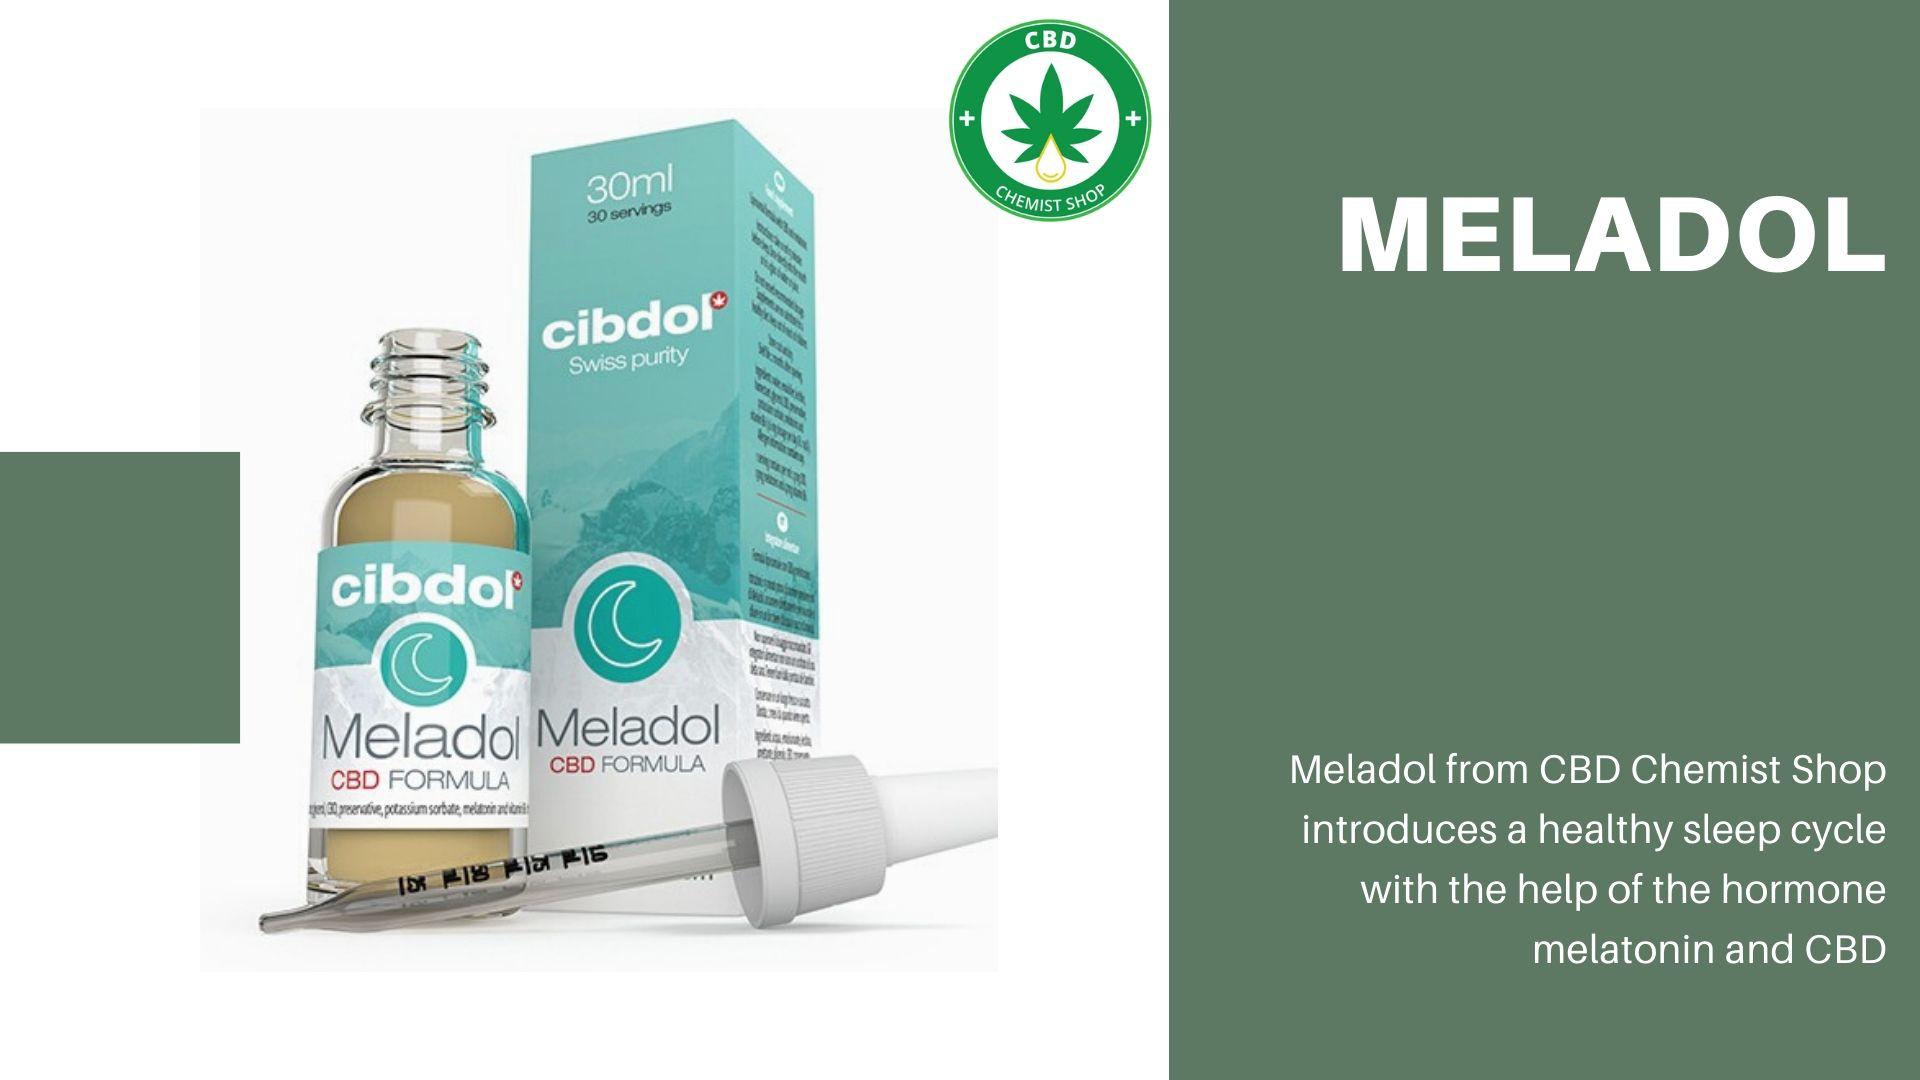 Meladol Cibdol